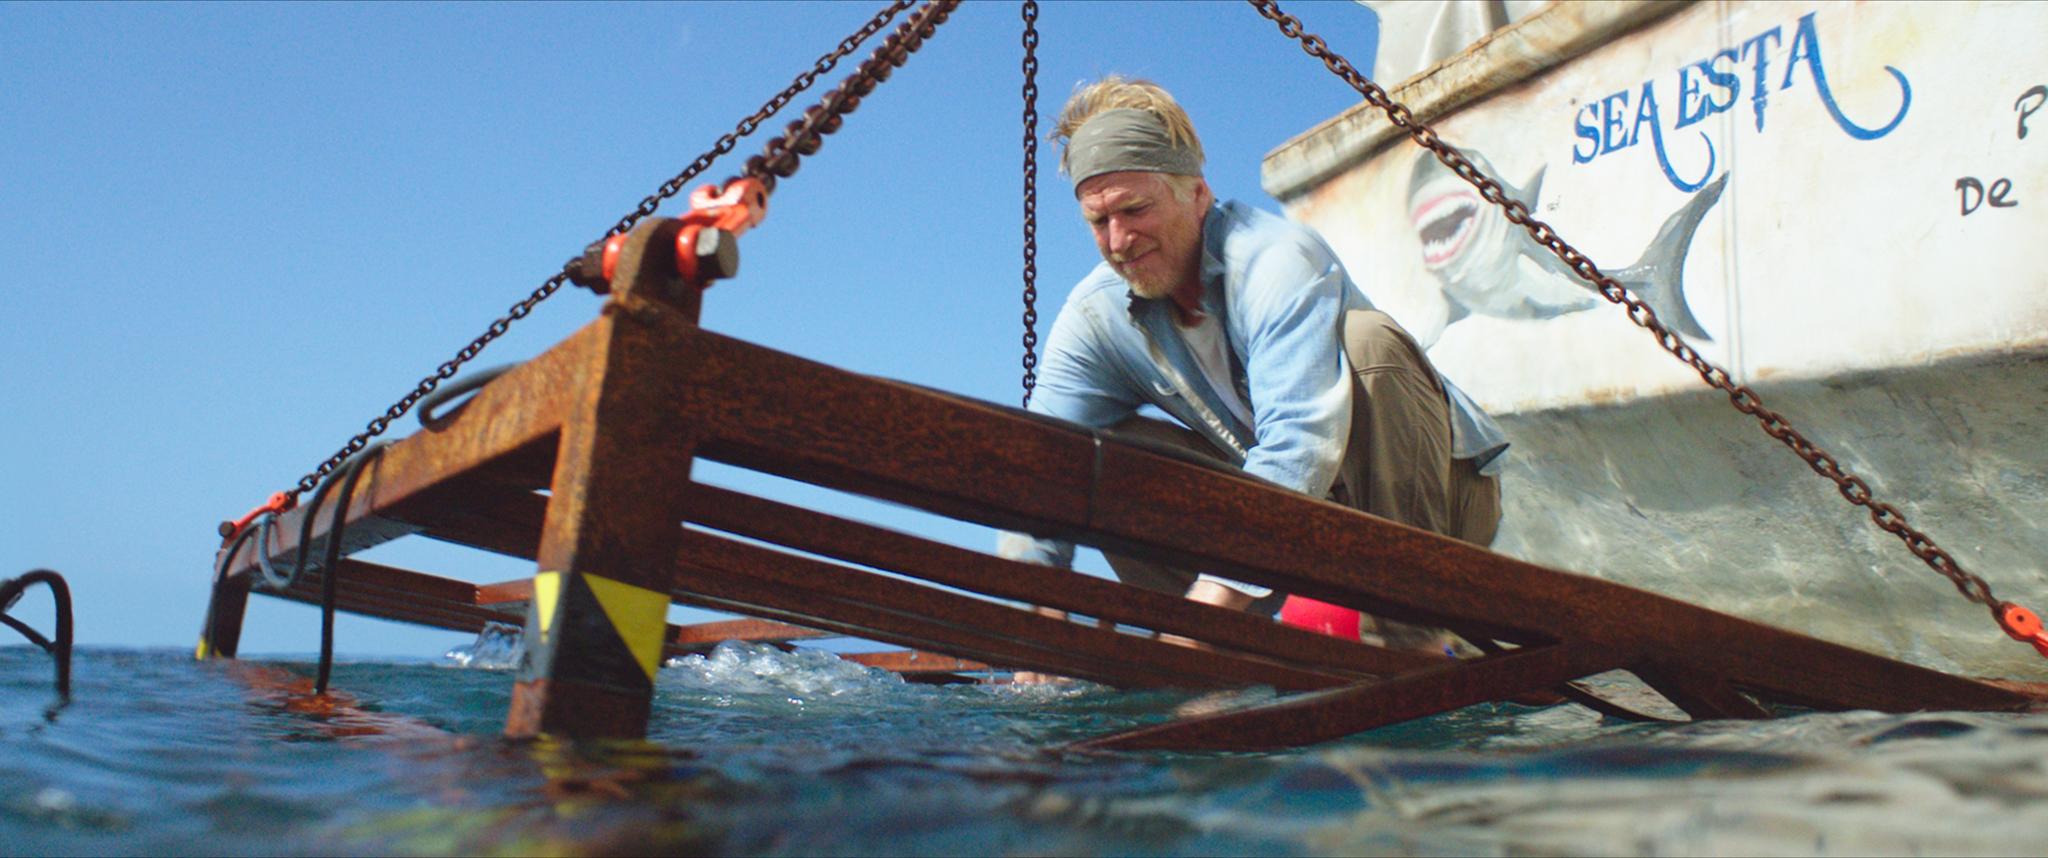 47 metri: Matthew Modine in una scena del film